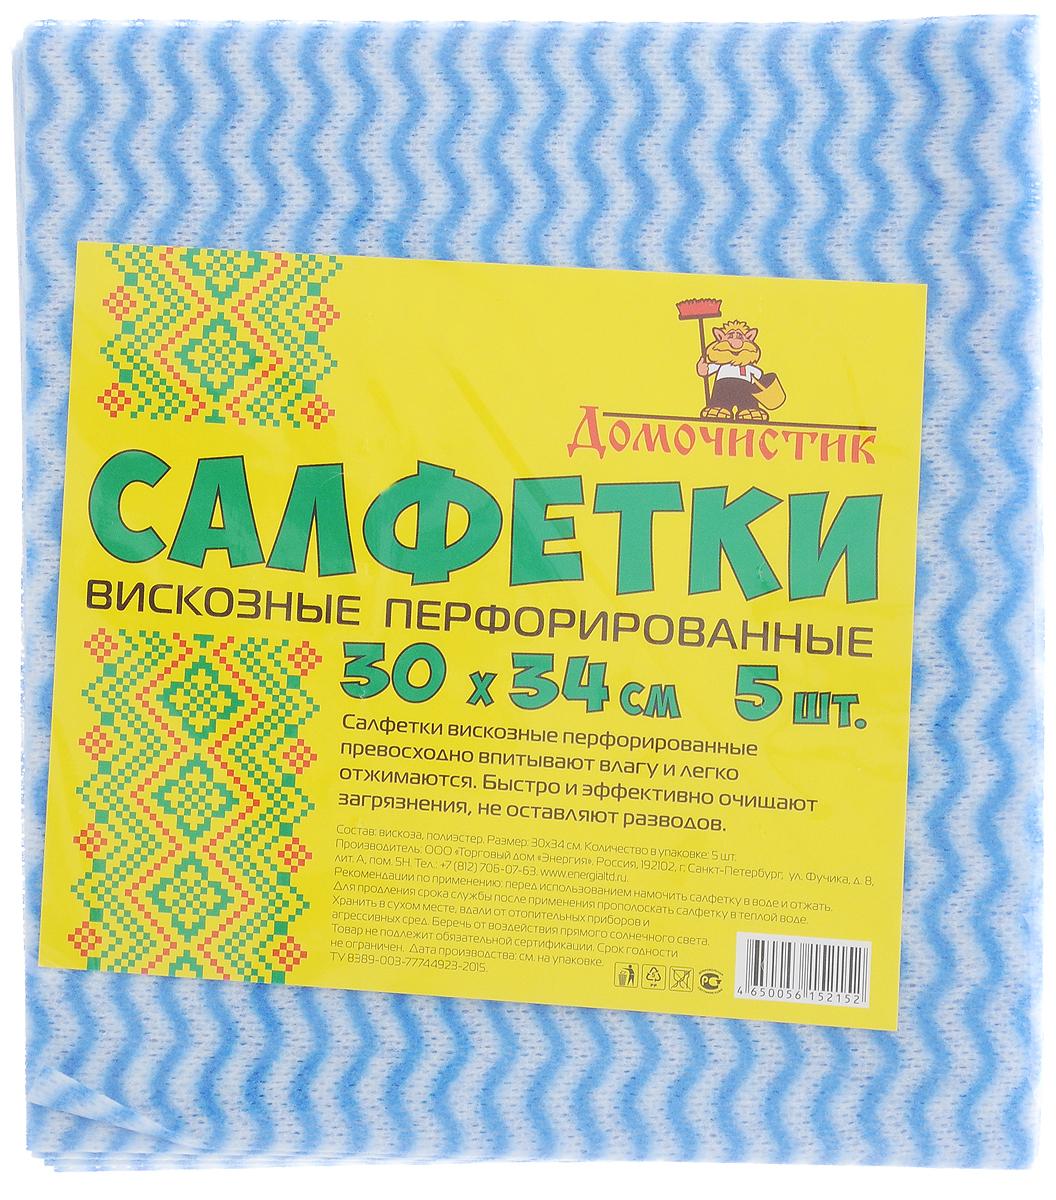 Салфетка для уборки Домочистик из вискозы, перфорированная, цвет: синий, 30 x 34 см, 5 шт787502Перфорированные салфетки для уборки Домочистик выполнены из вискозы, превосходно впитывают влагу и легко отжимаются. Быстро и эффективно очищают загрязнения, не оставляют разводов. Рекомендации по применению:Перед использованием намочить салфетку в воде и отжать.Для продления срока службы после применения прополоскать в теплой воде.Хранить в сухом месте, вдали отопительных приборов и агрессивных сред.